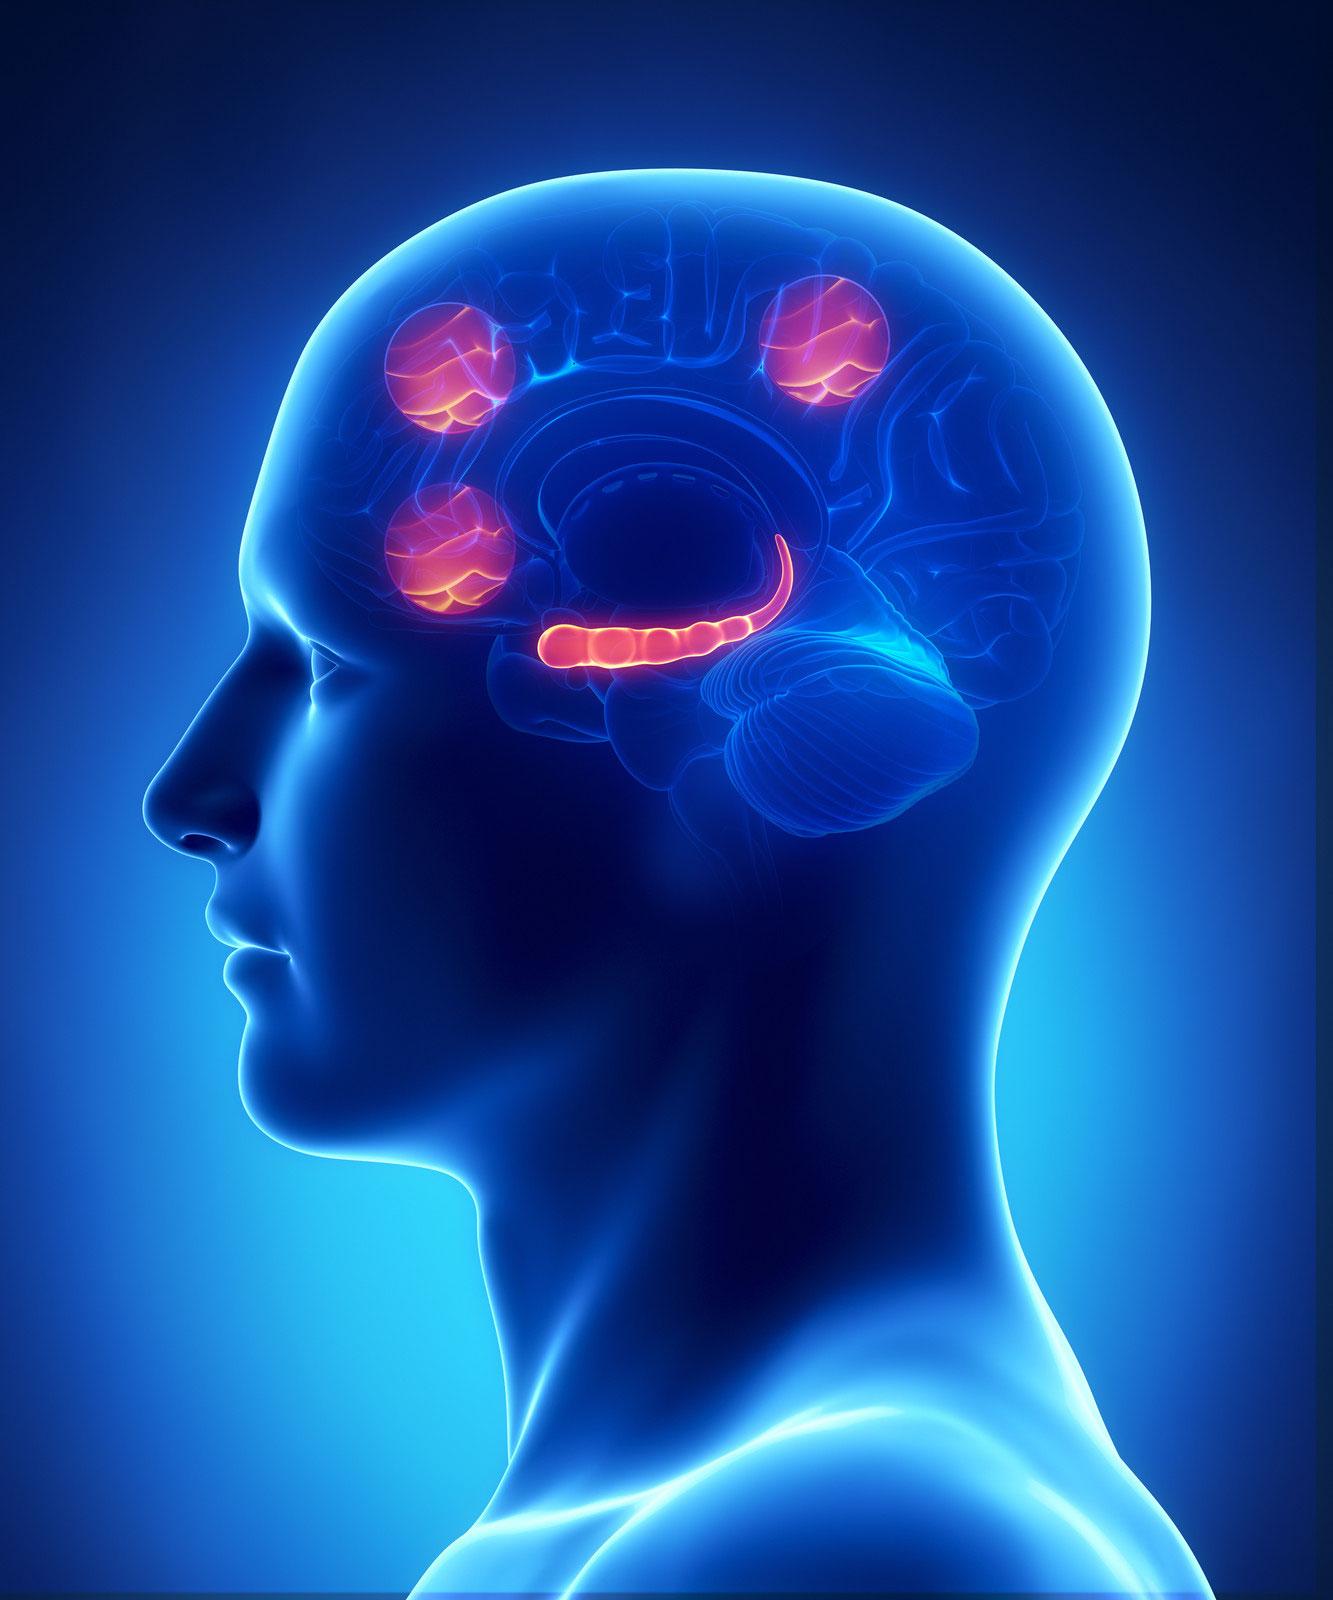 Modelos neuropsicológicos e instrumentos de evaluación de la memoria semántica